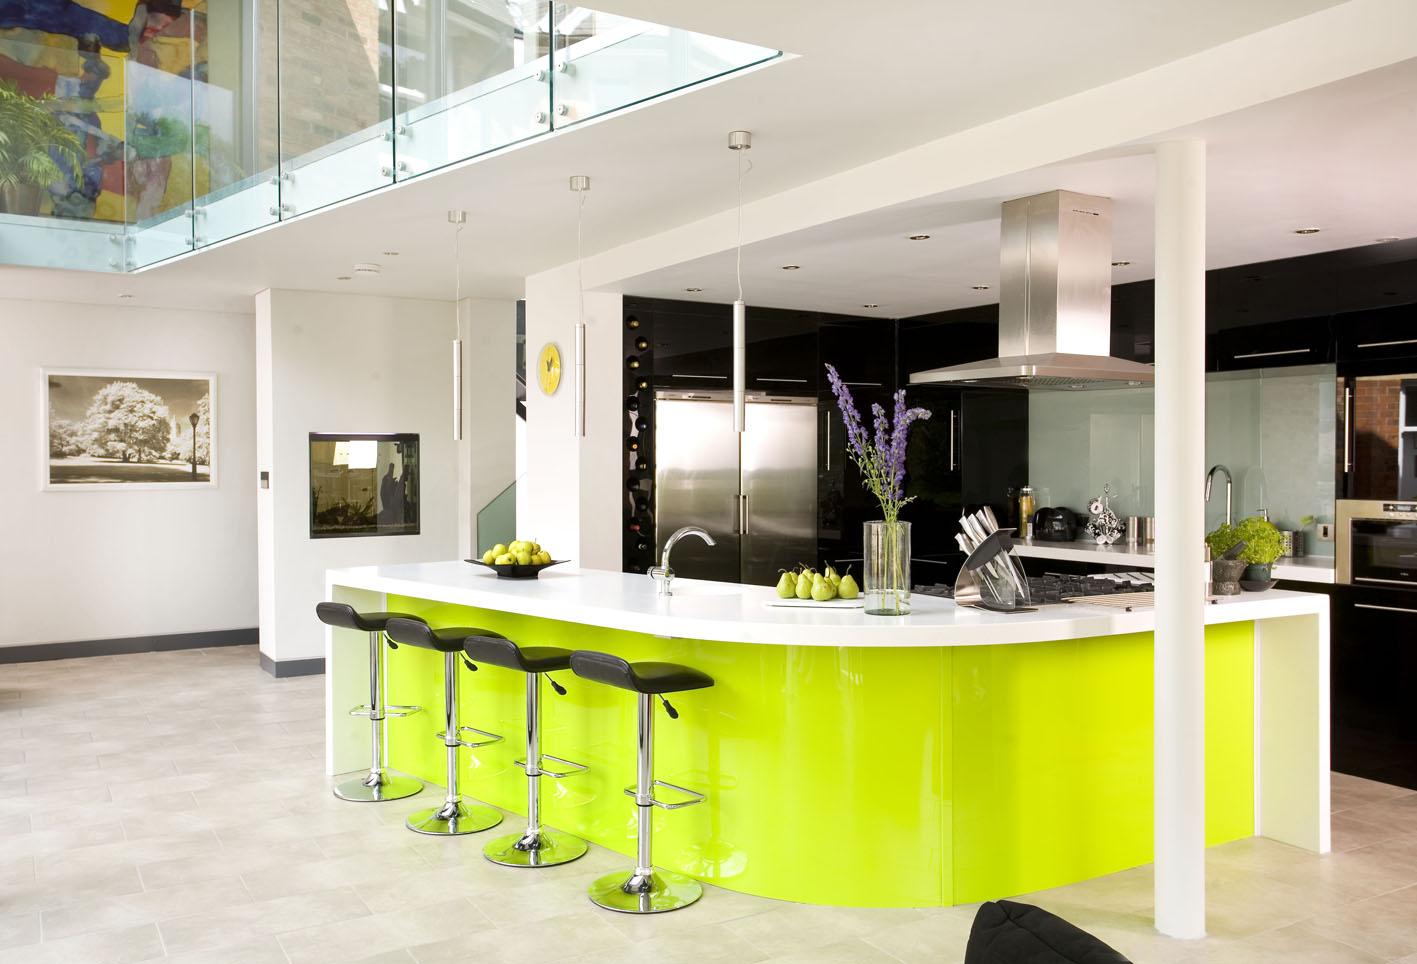 50 best kitchen island ideas for 2016 for Top 50 kitchen designs